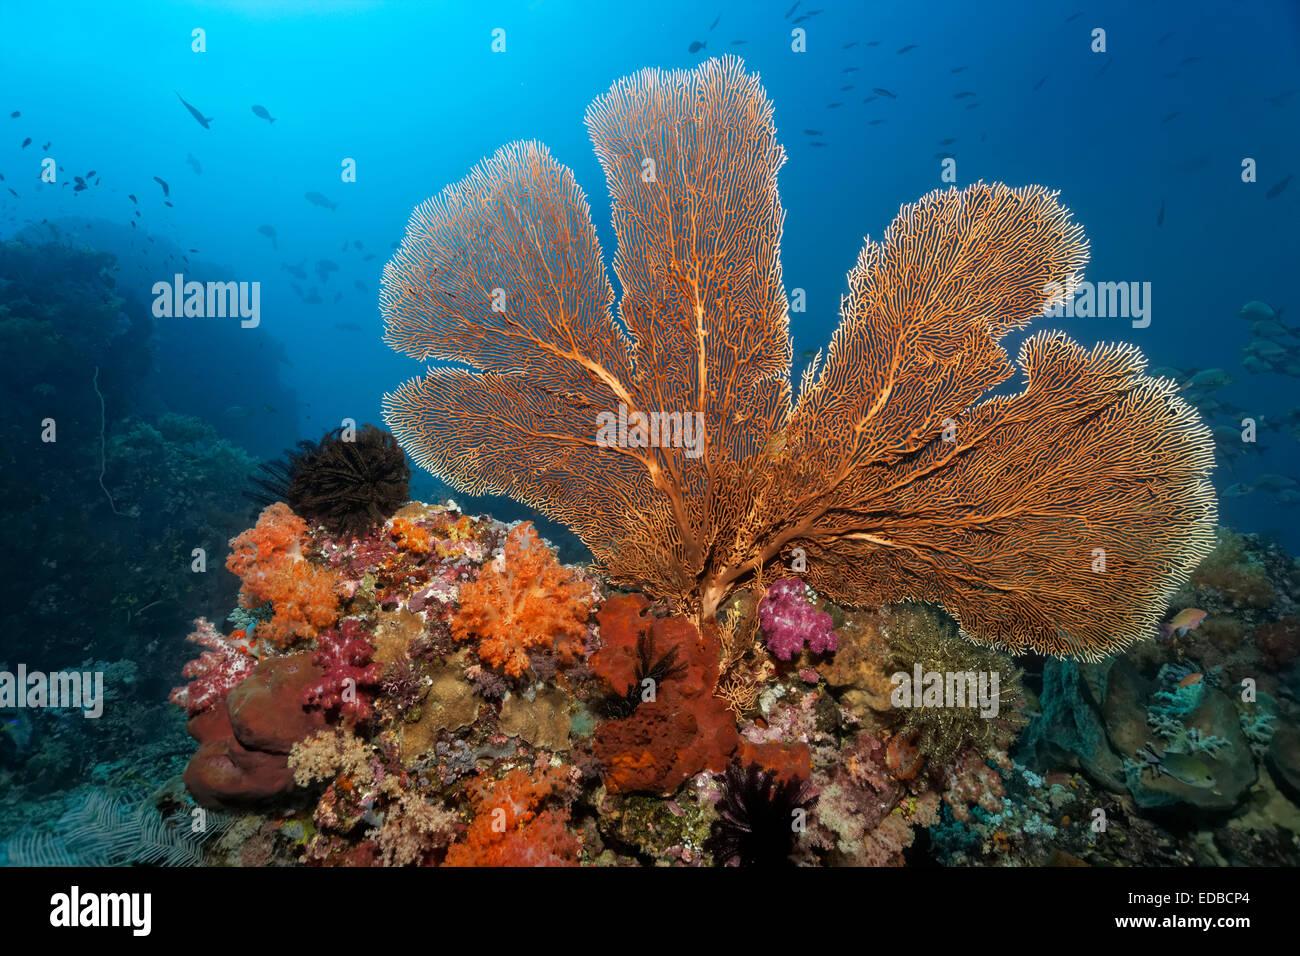 Toit de récifs coralliens avec de grandes gorgones (Annella mollis), divers coraux mous (Alcyonacea), les coraux Photo Stock